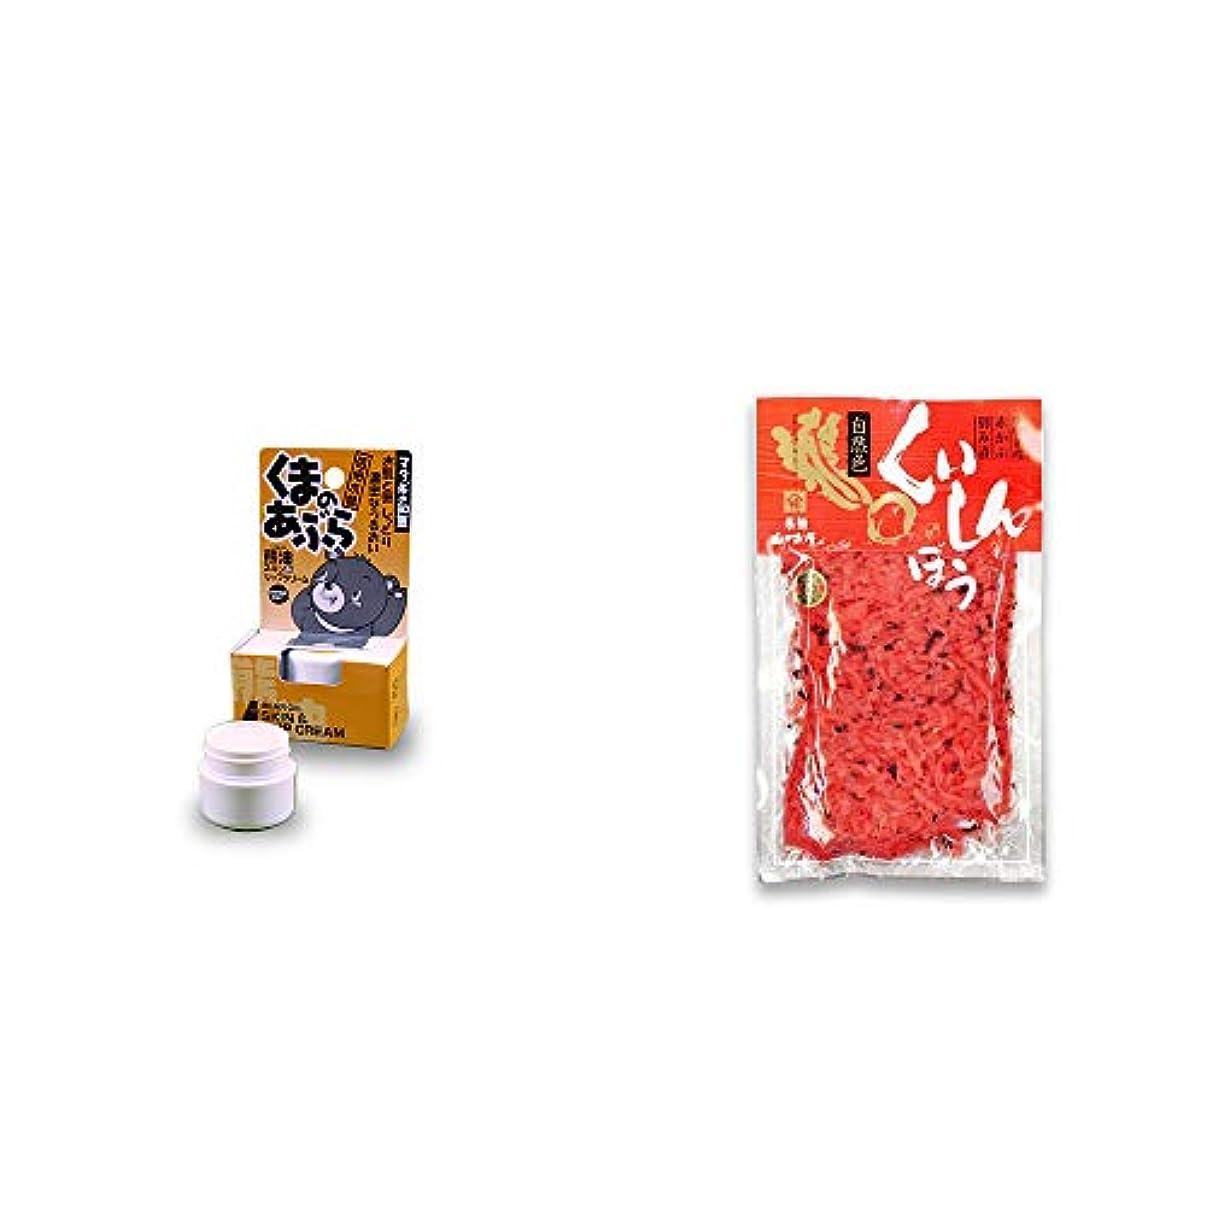 指定する忠実グレートバリアリーフ[2点セット] 信州木曽 くまのあぶら 熊油スキン&リップクリーム(9g)?飛騨山味屋 くいしんぼう【大】(260g) [赤かぶ刻み漬け]